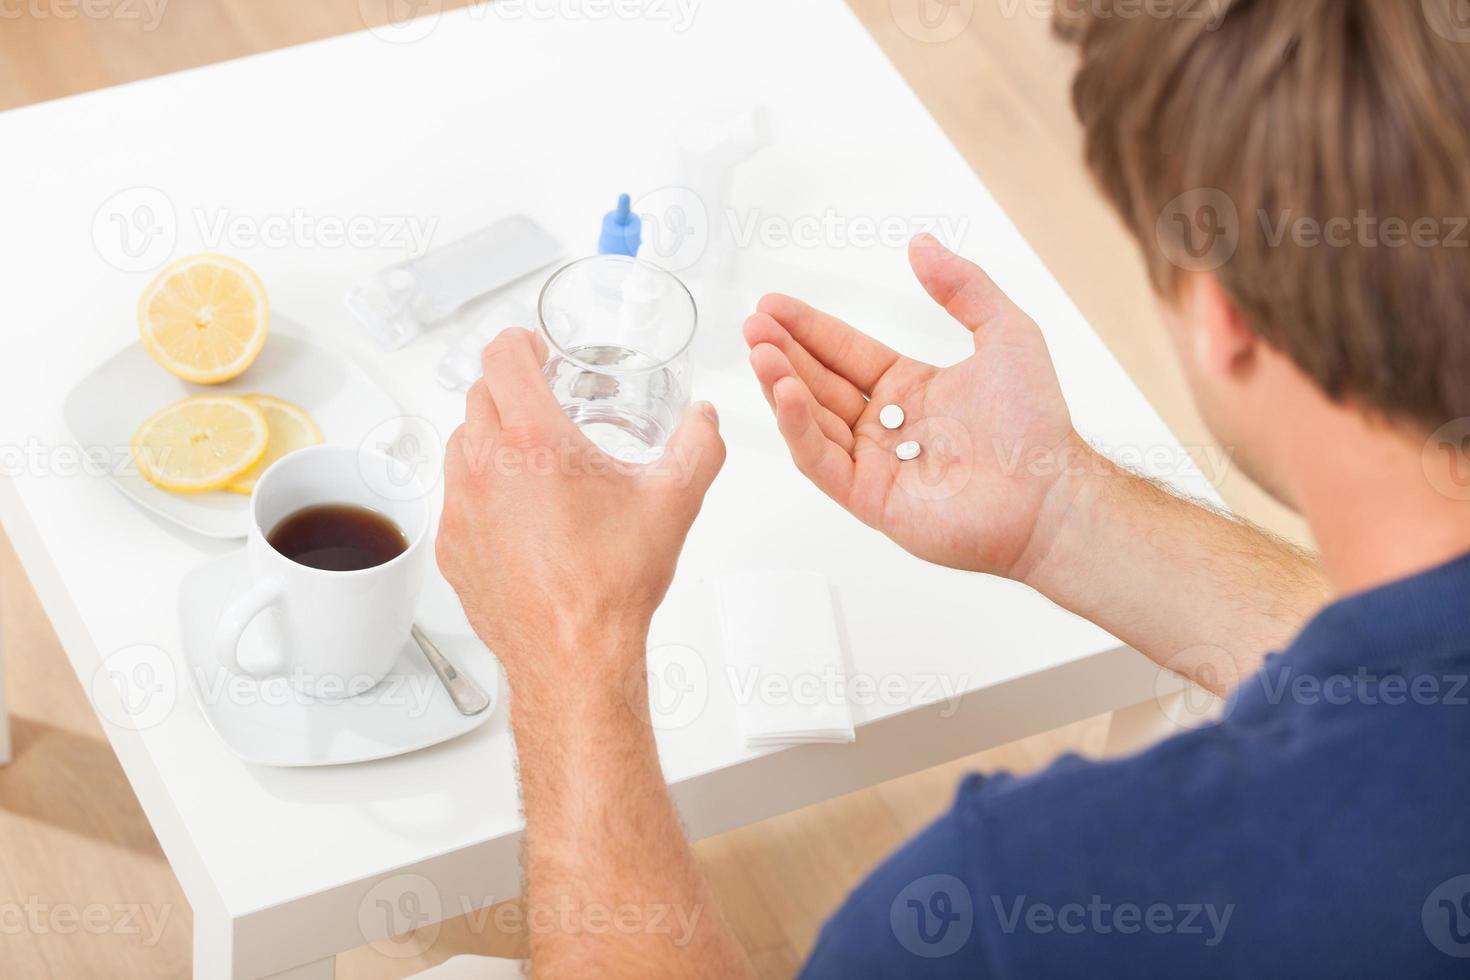 händer som håller piller och vatten foto